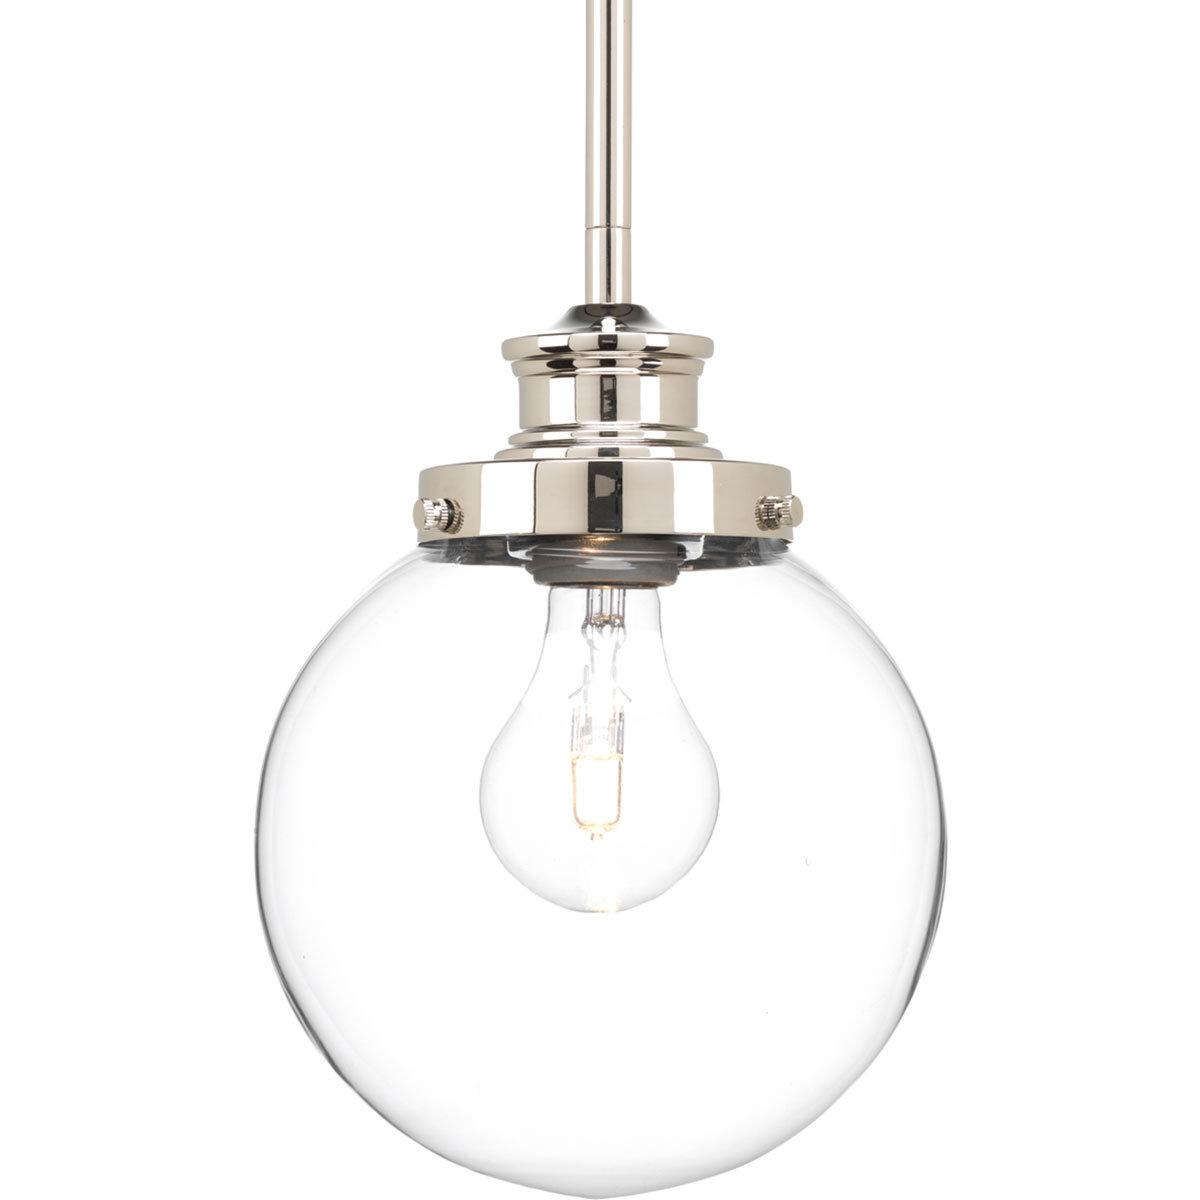 Zipcode Design Cayden 1-Light Single Globe Pendant intended for Irwin 1-Light Single Globe Pendants (Image 30 of 30)